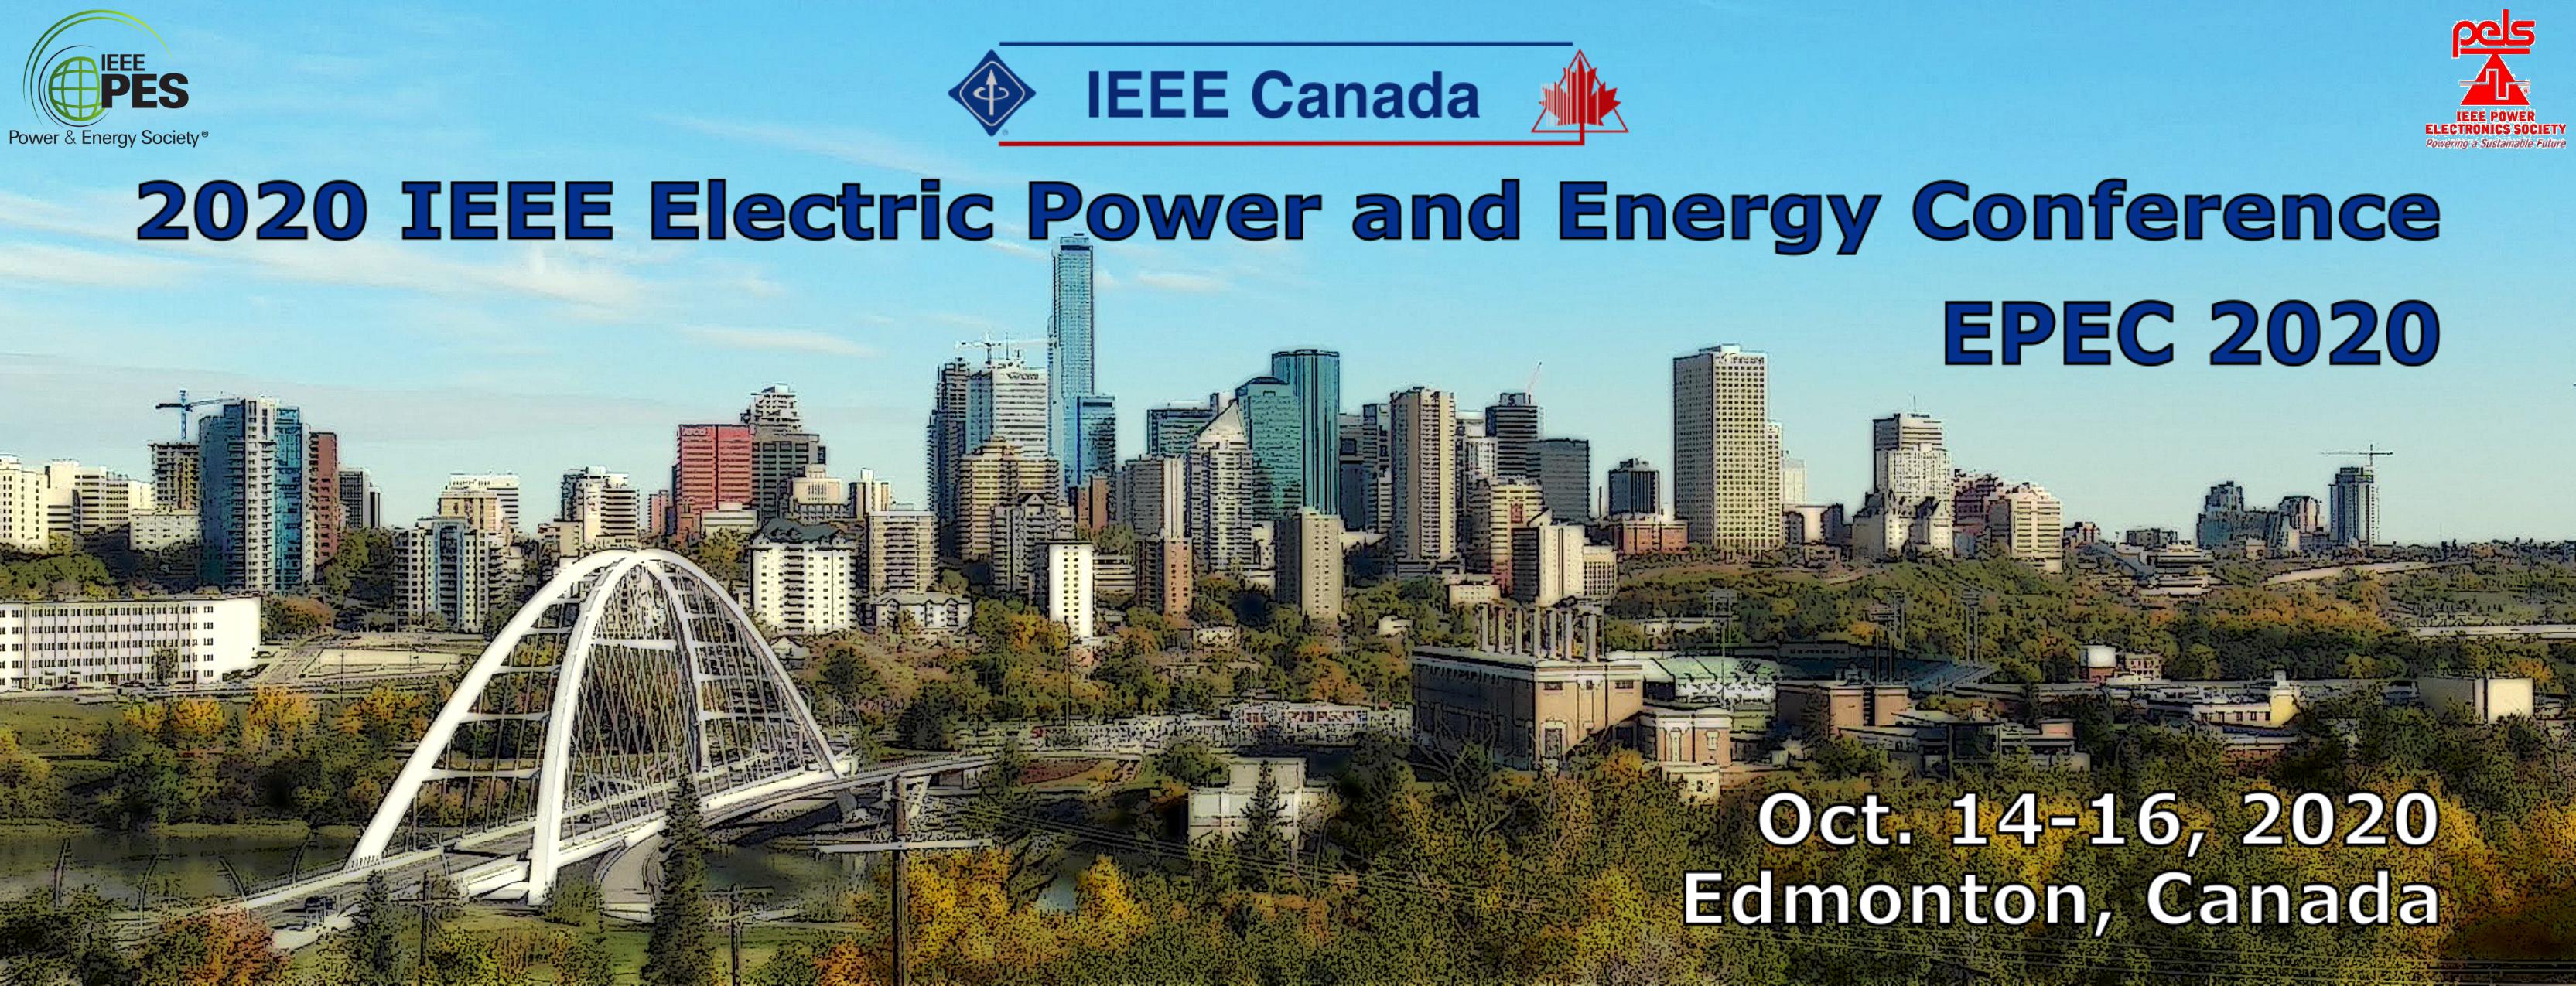 EPEC 2020